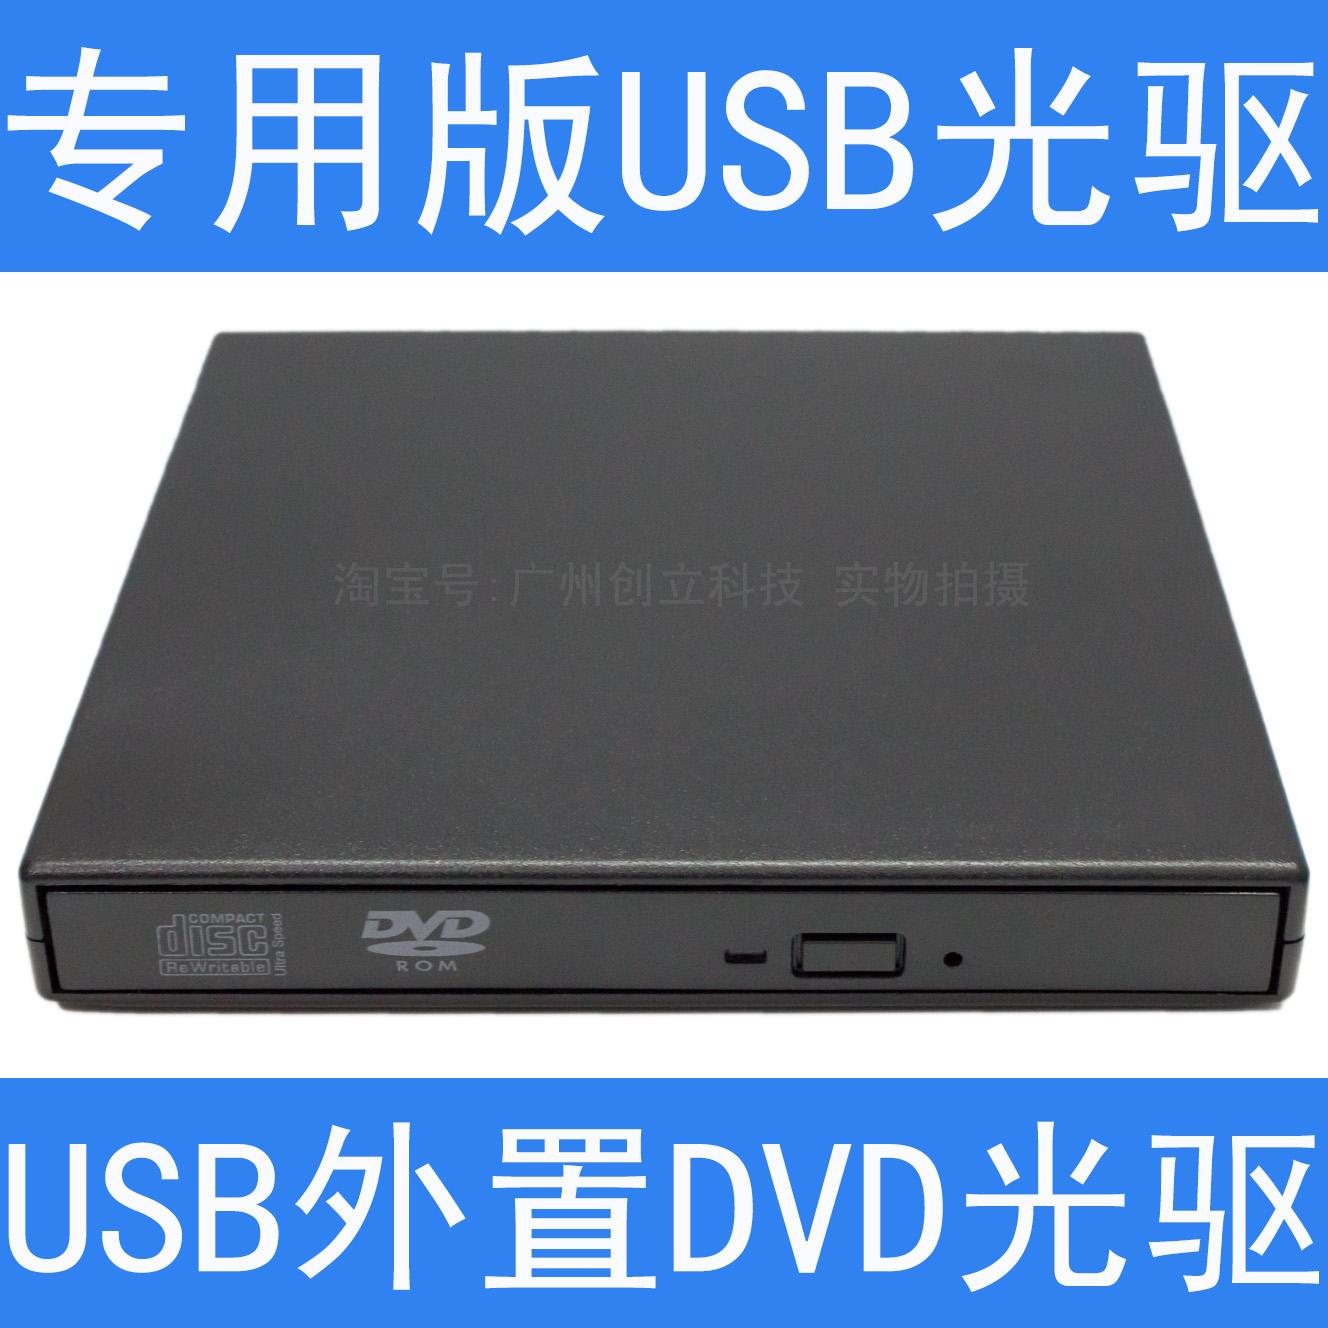 。专用版USB外置DVD-ROM光驱 笔记本电脑台式机外接移动DVD光驱